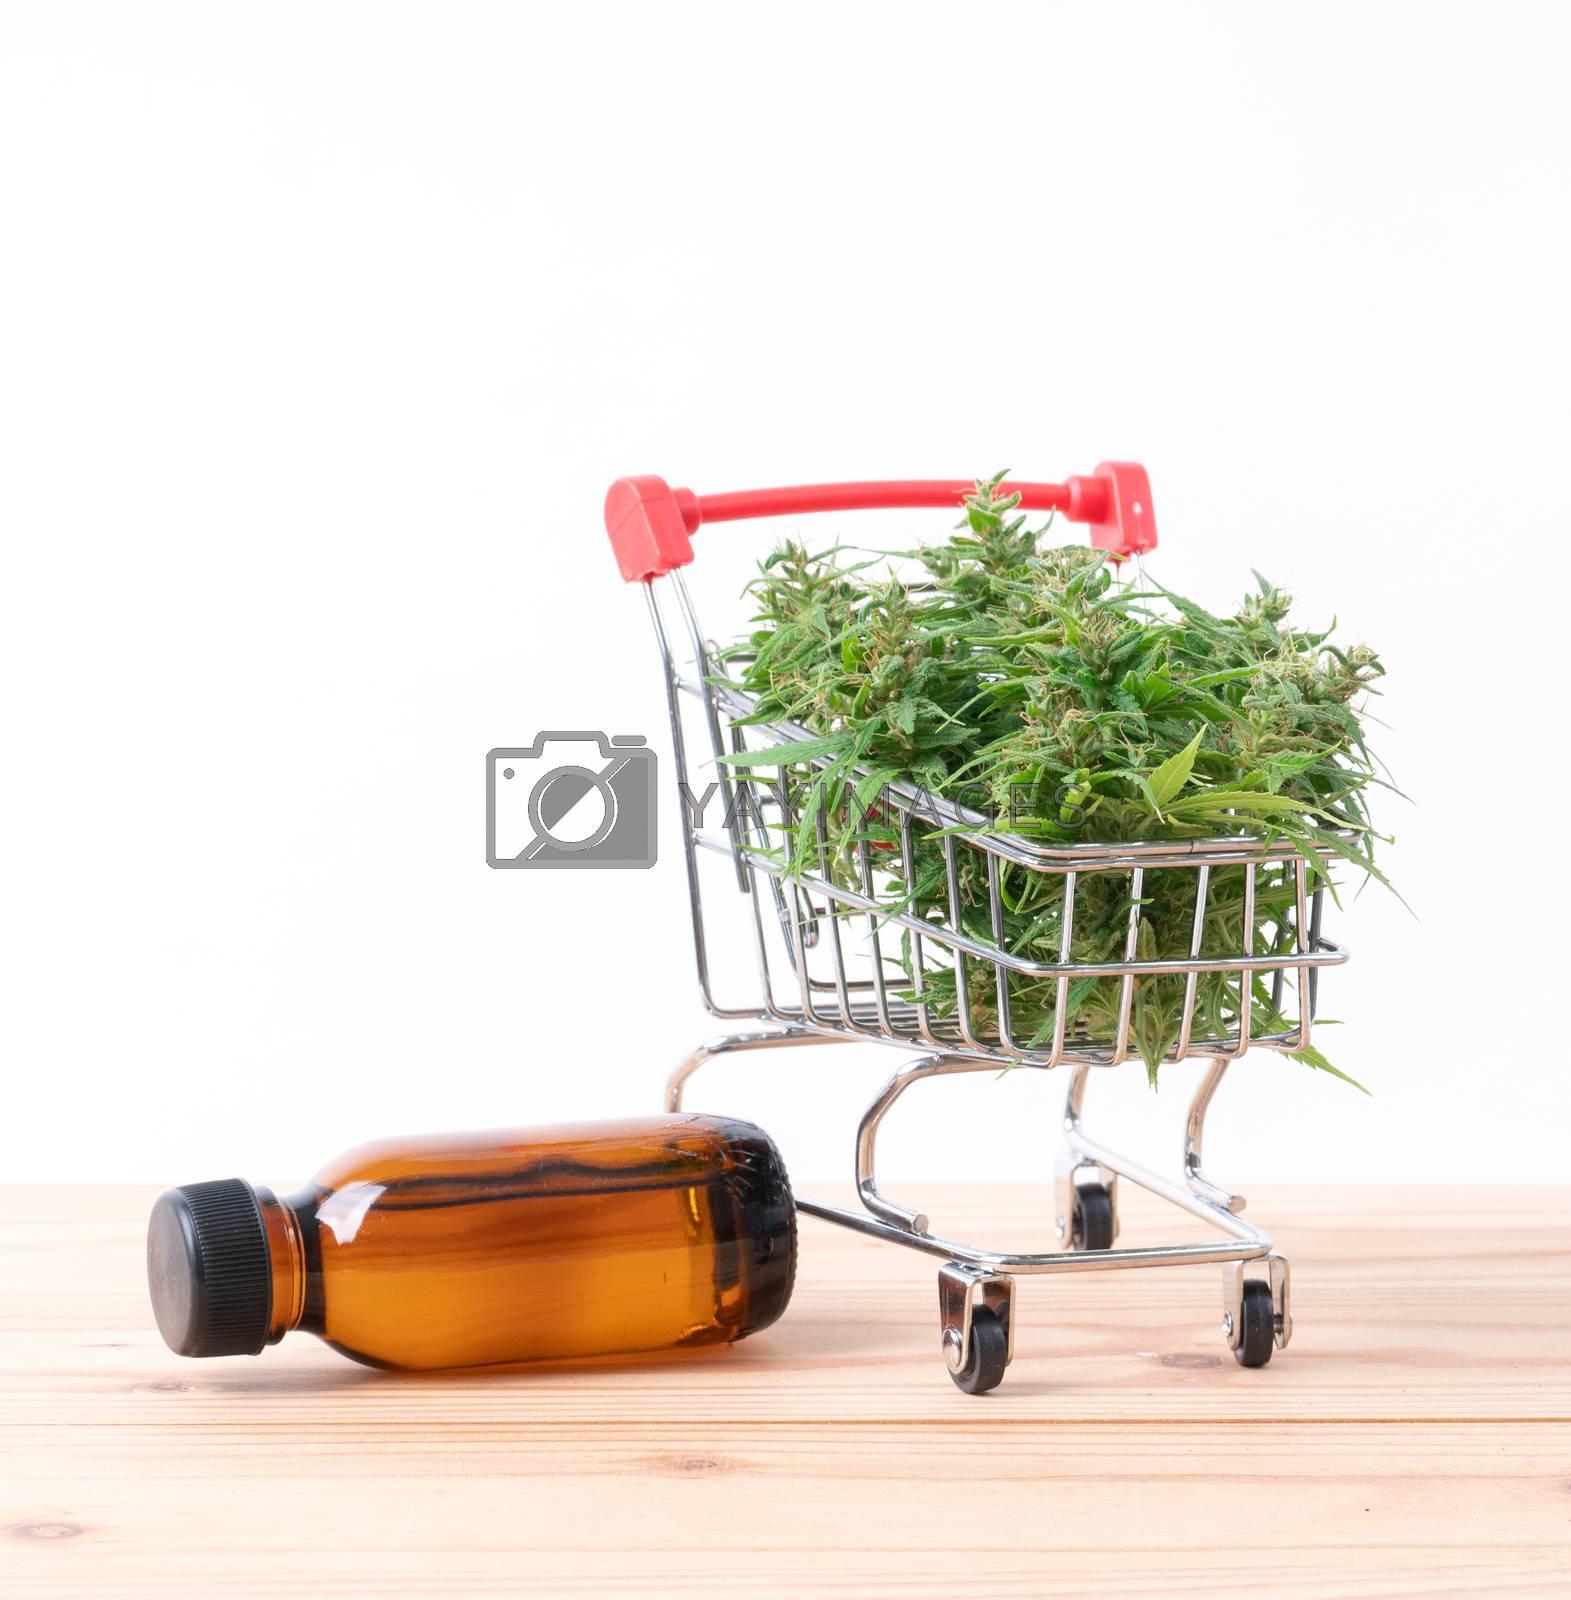 cannabis with cannabidiol (cbd) extract on table